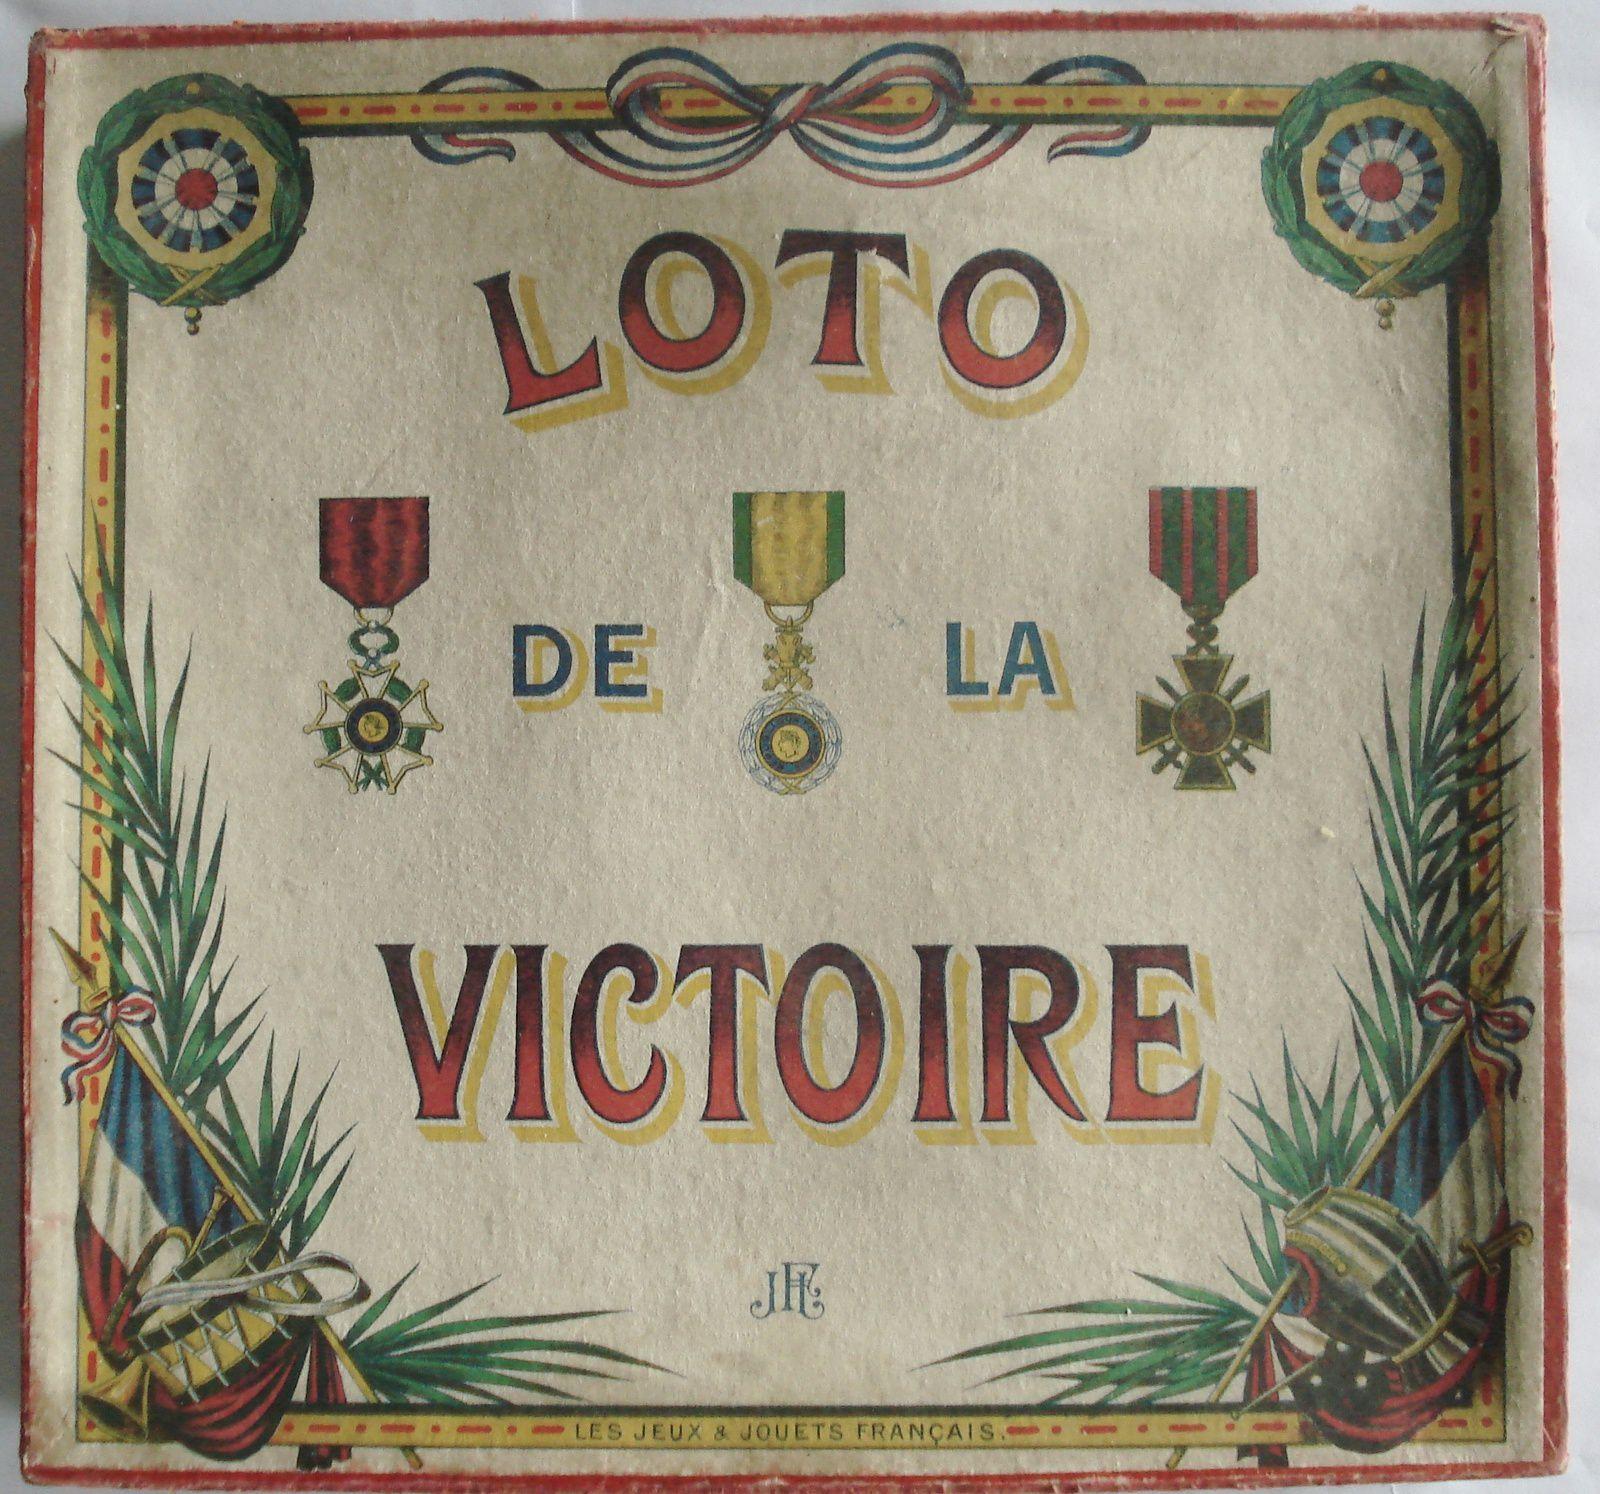 loto de la victoire par JJF ; des médailles sont à gagner !